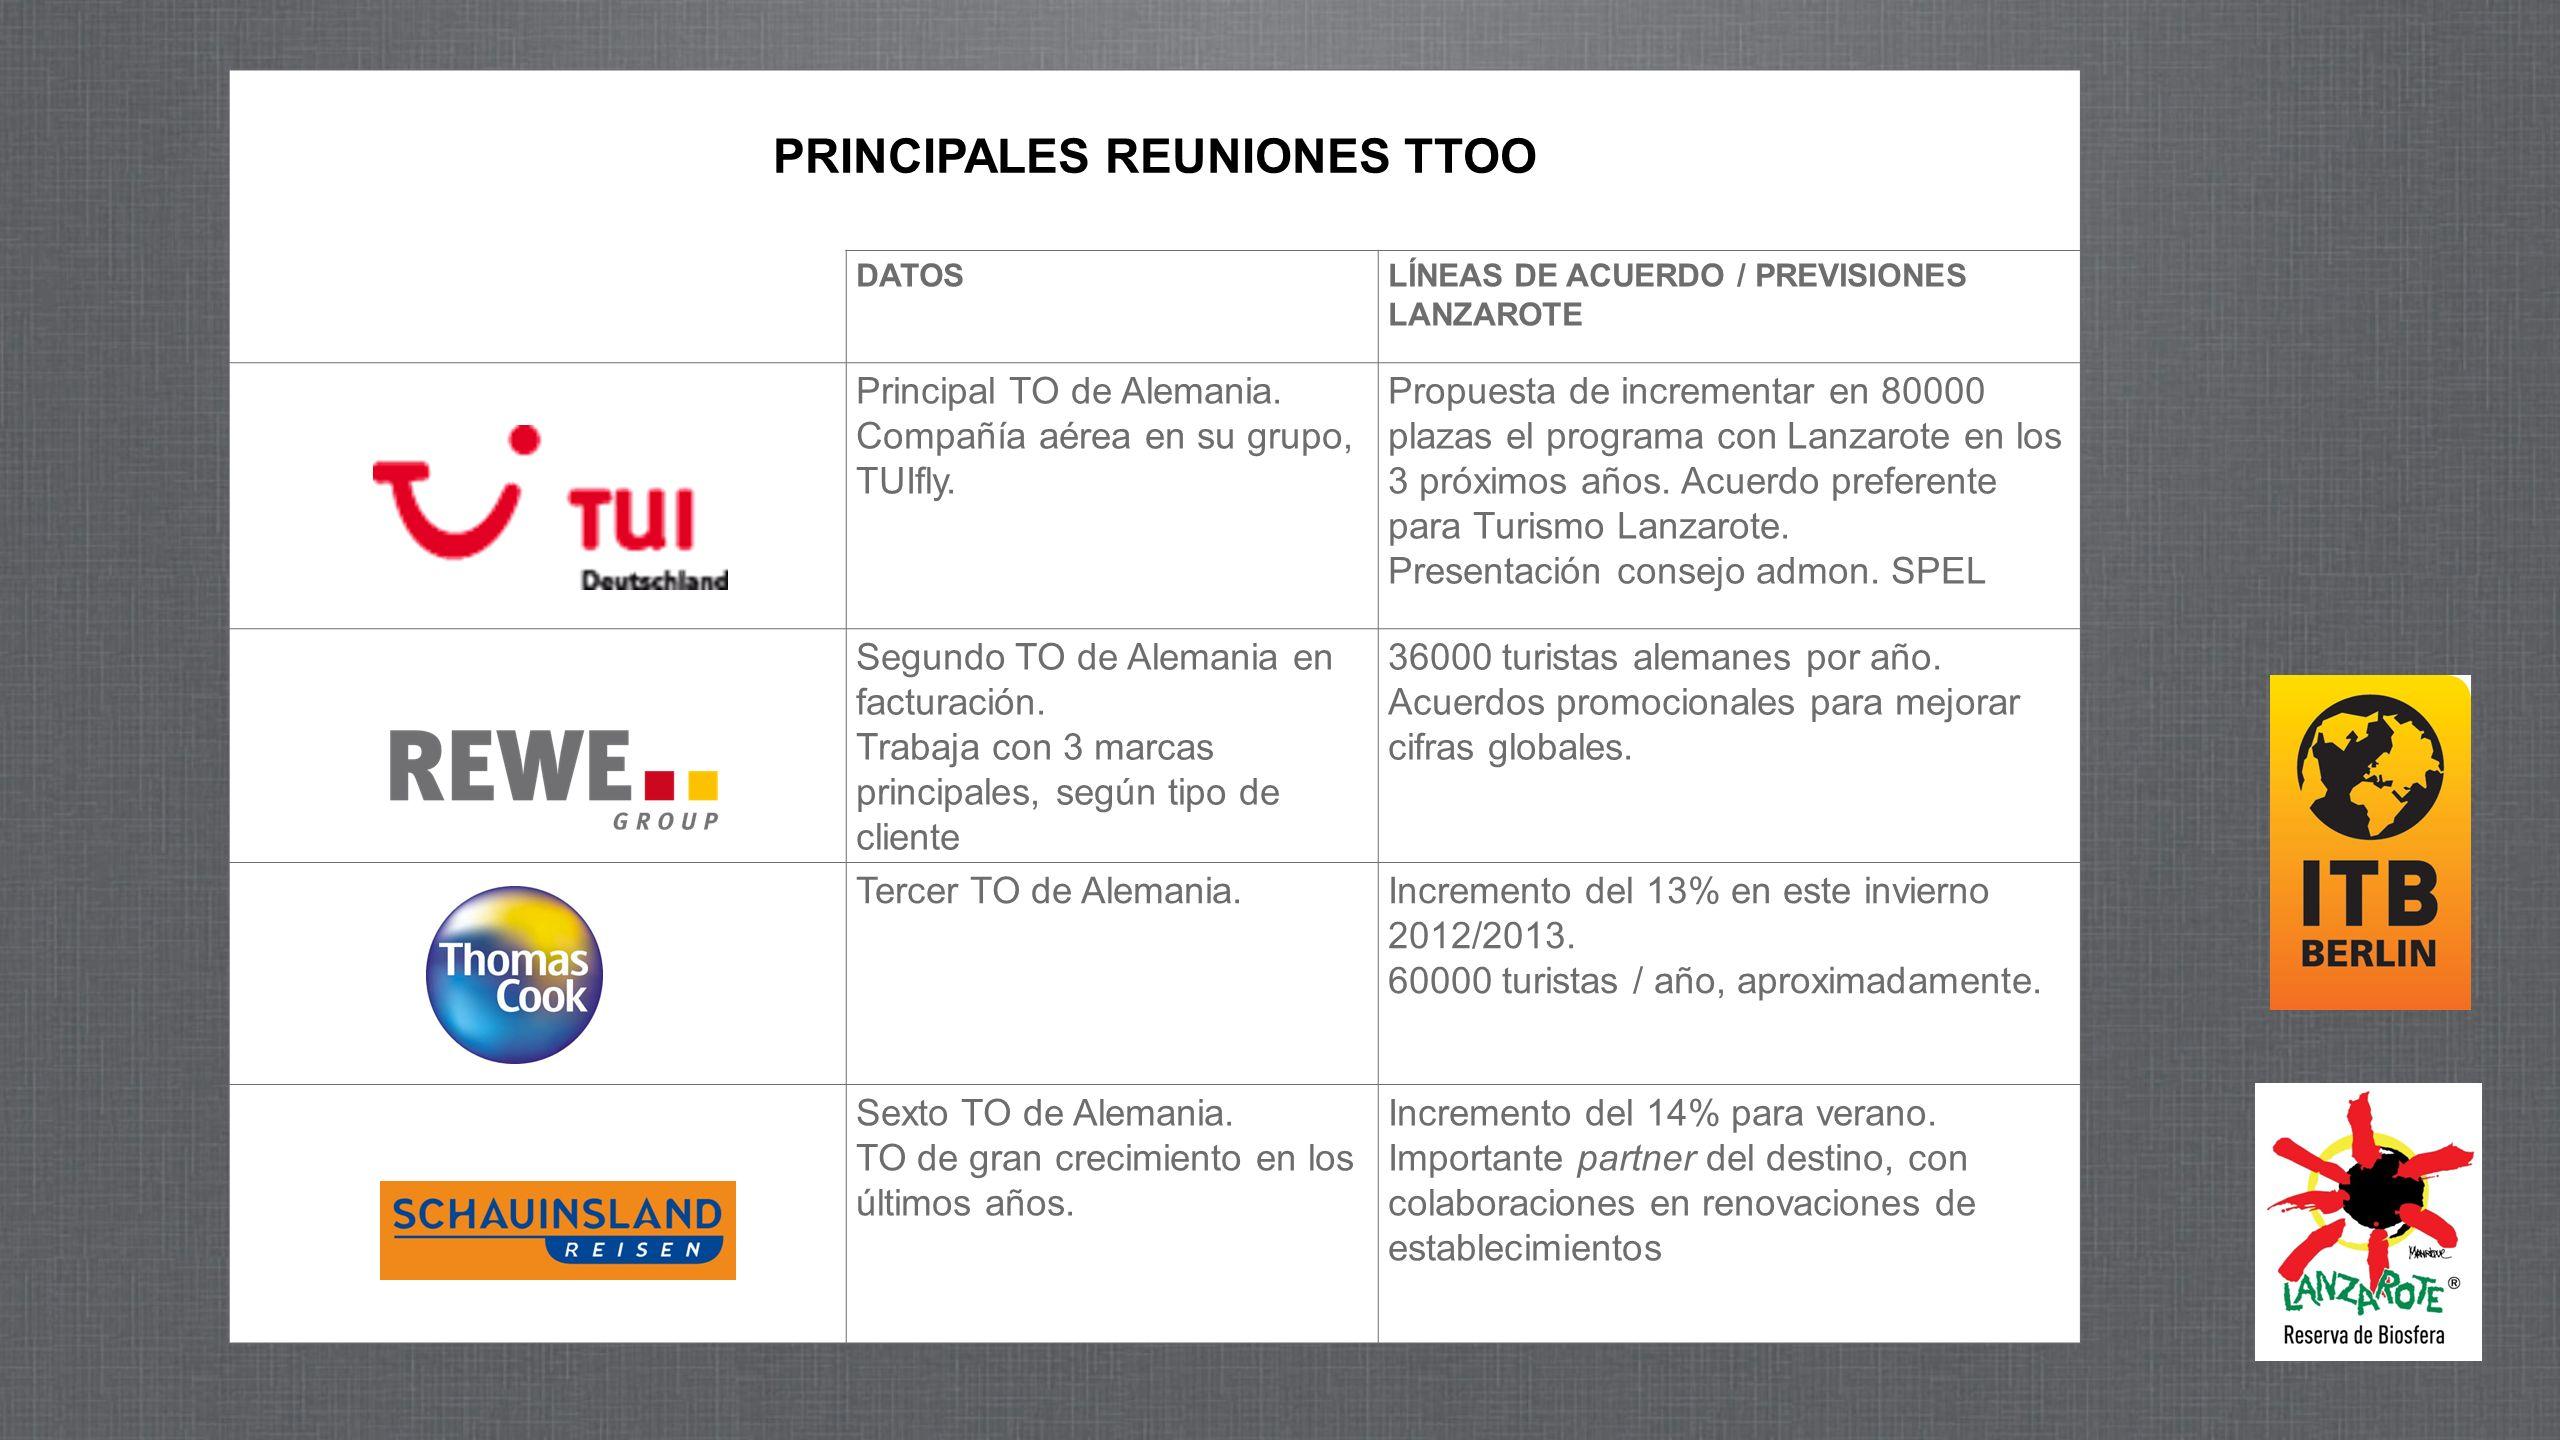 PRINCIPALES REUNIONES TTOO